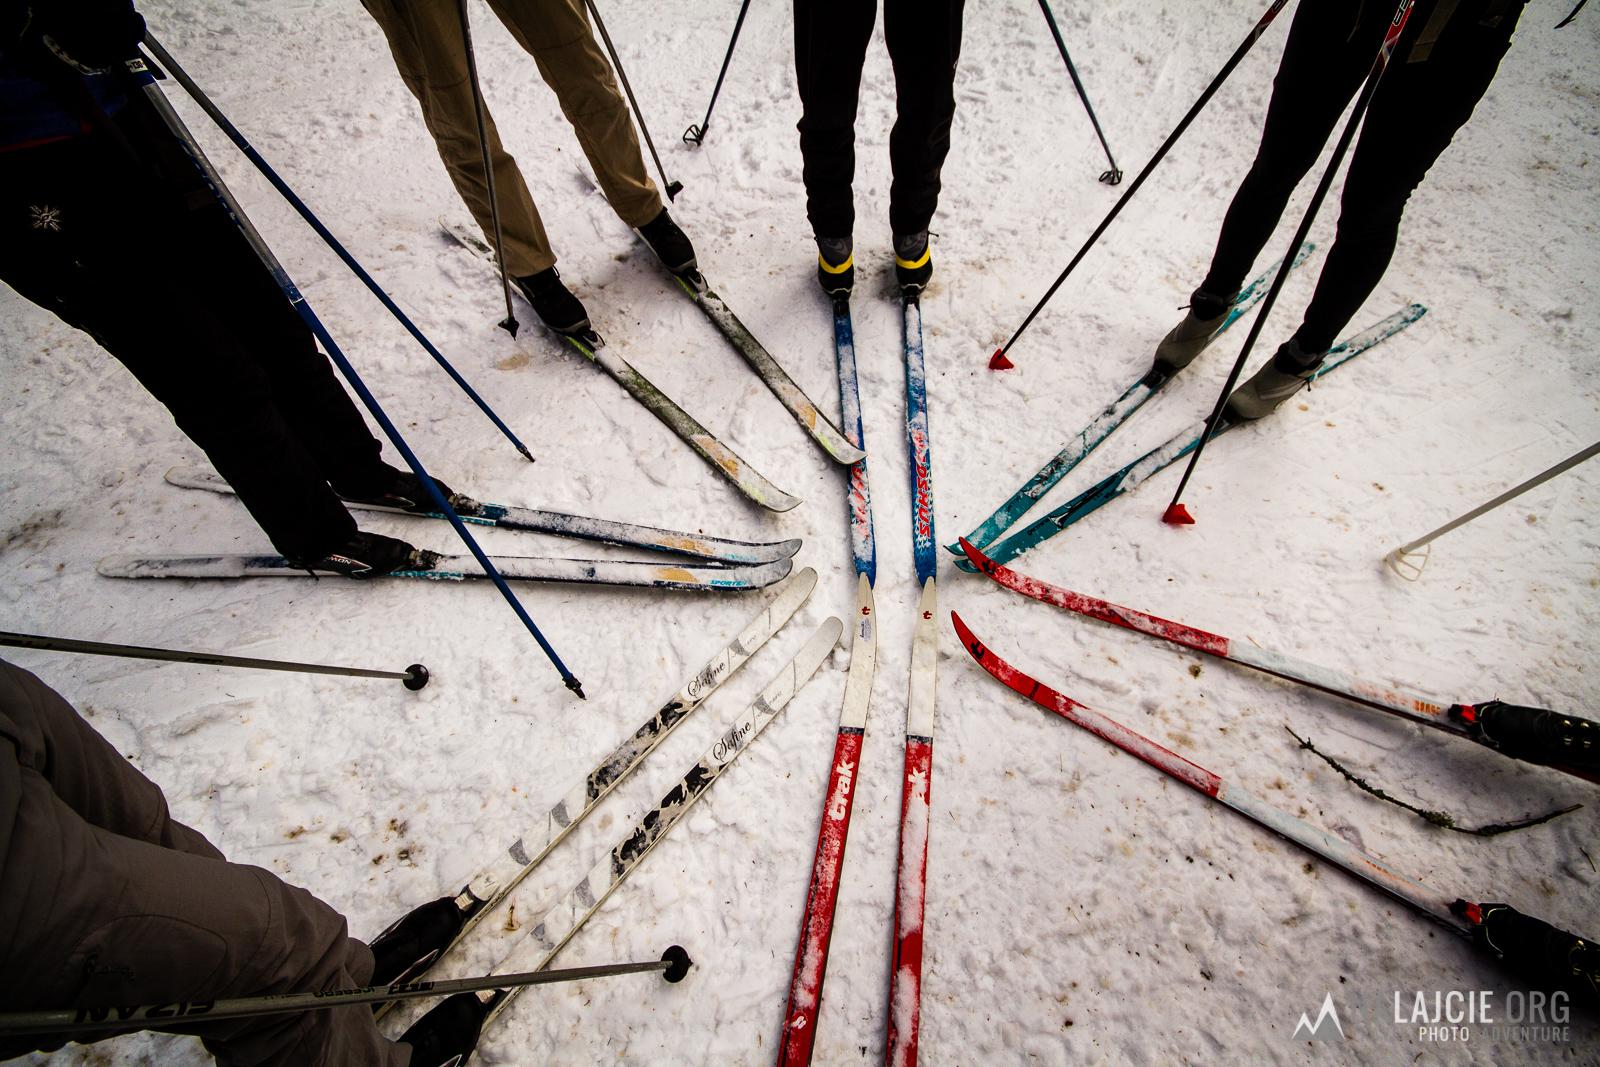 mamy własne kółko narciarskie!